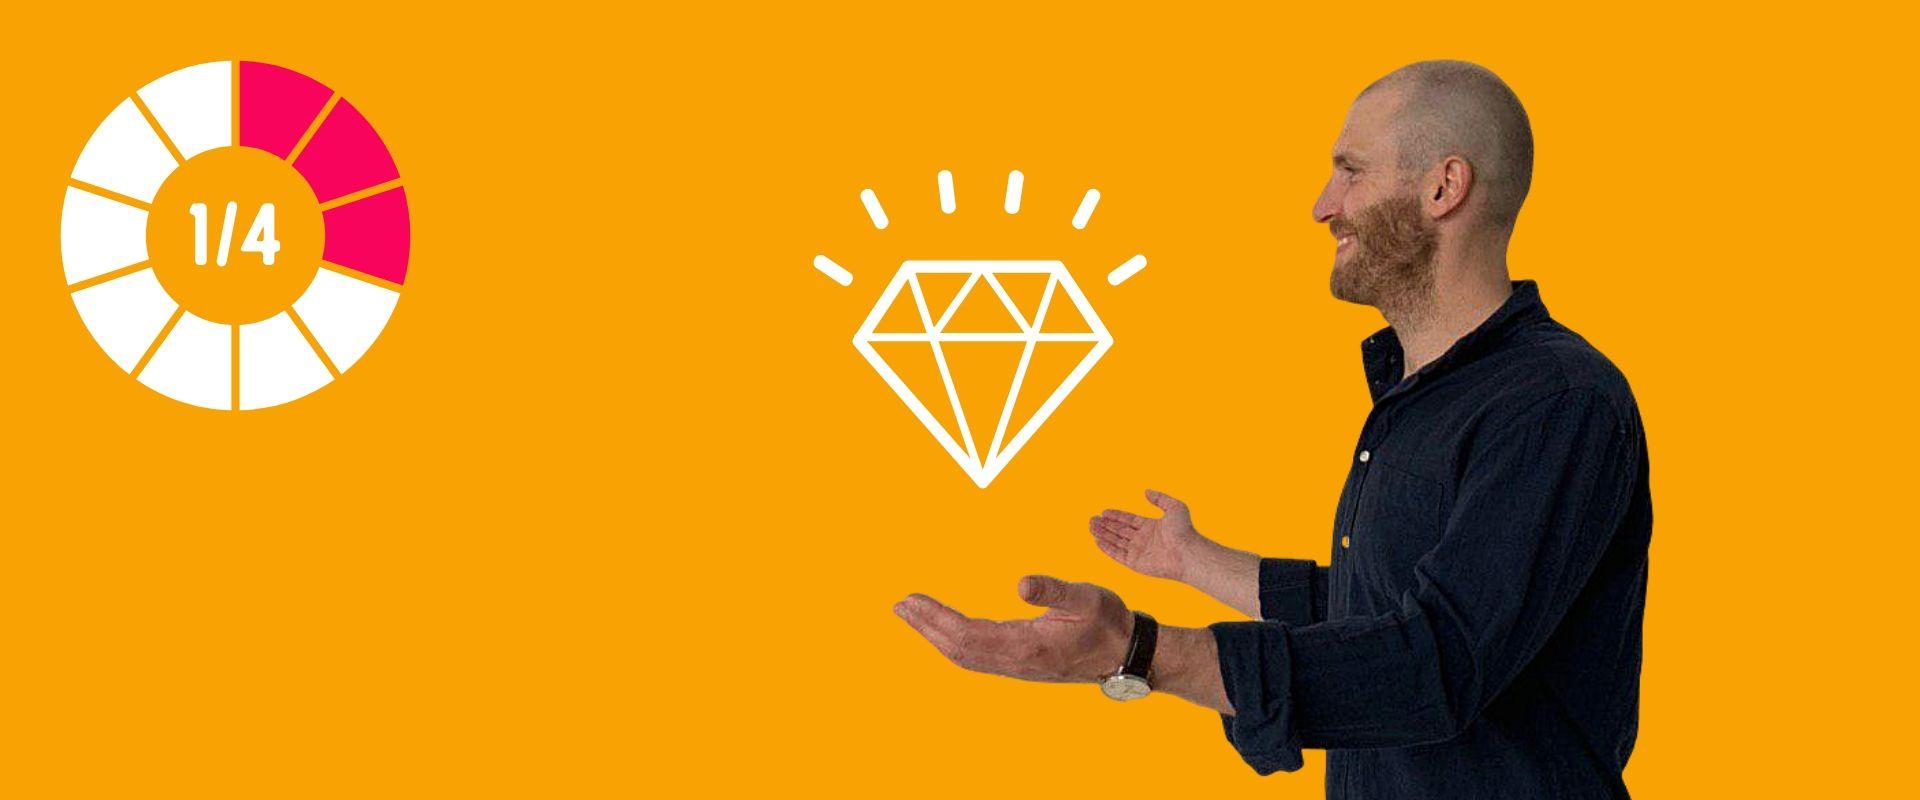 Core Values Firmenwerte finden in 4 Schritte